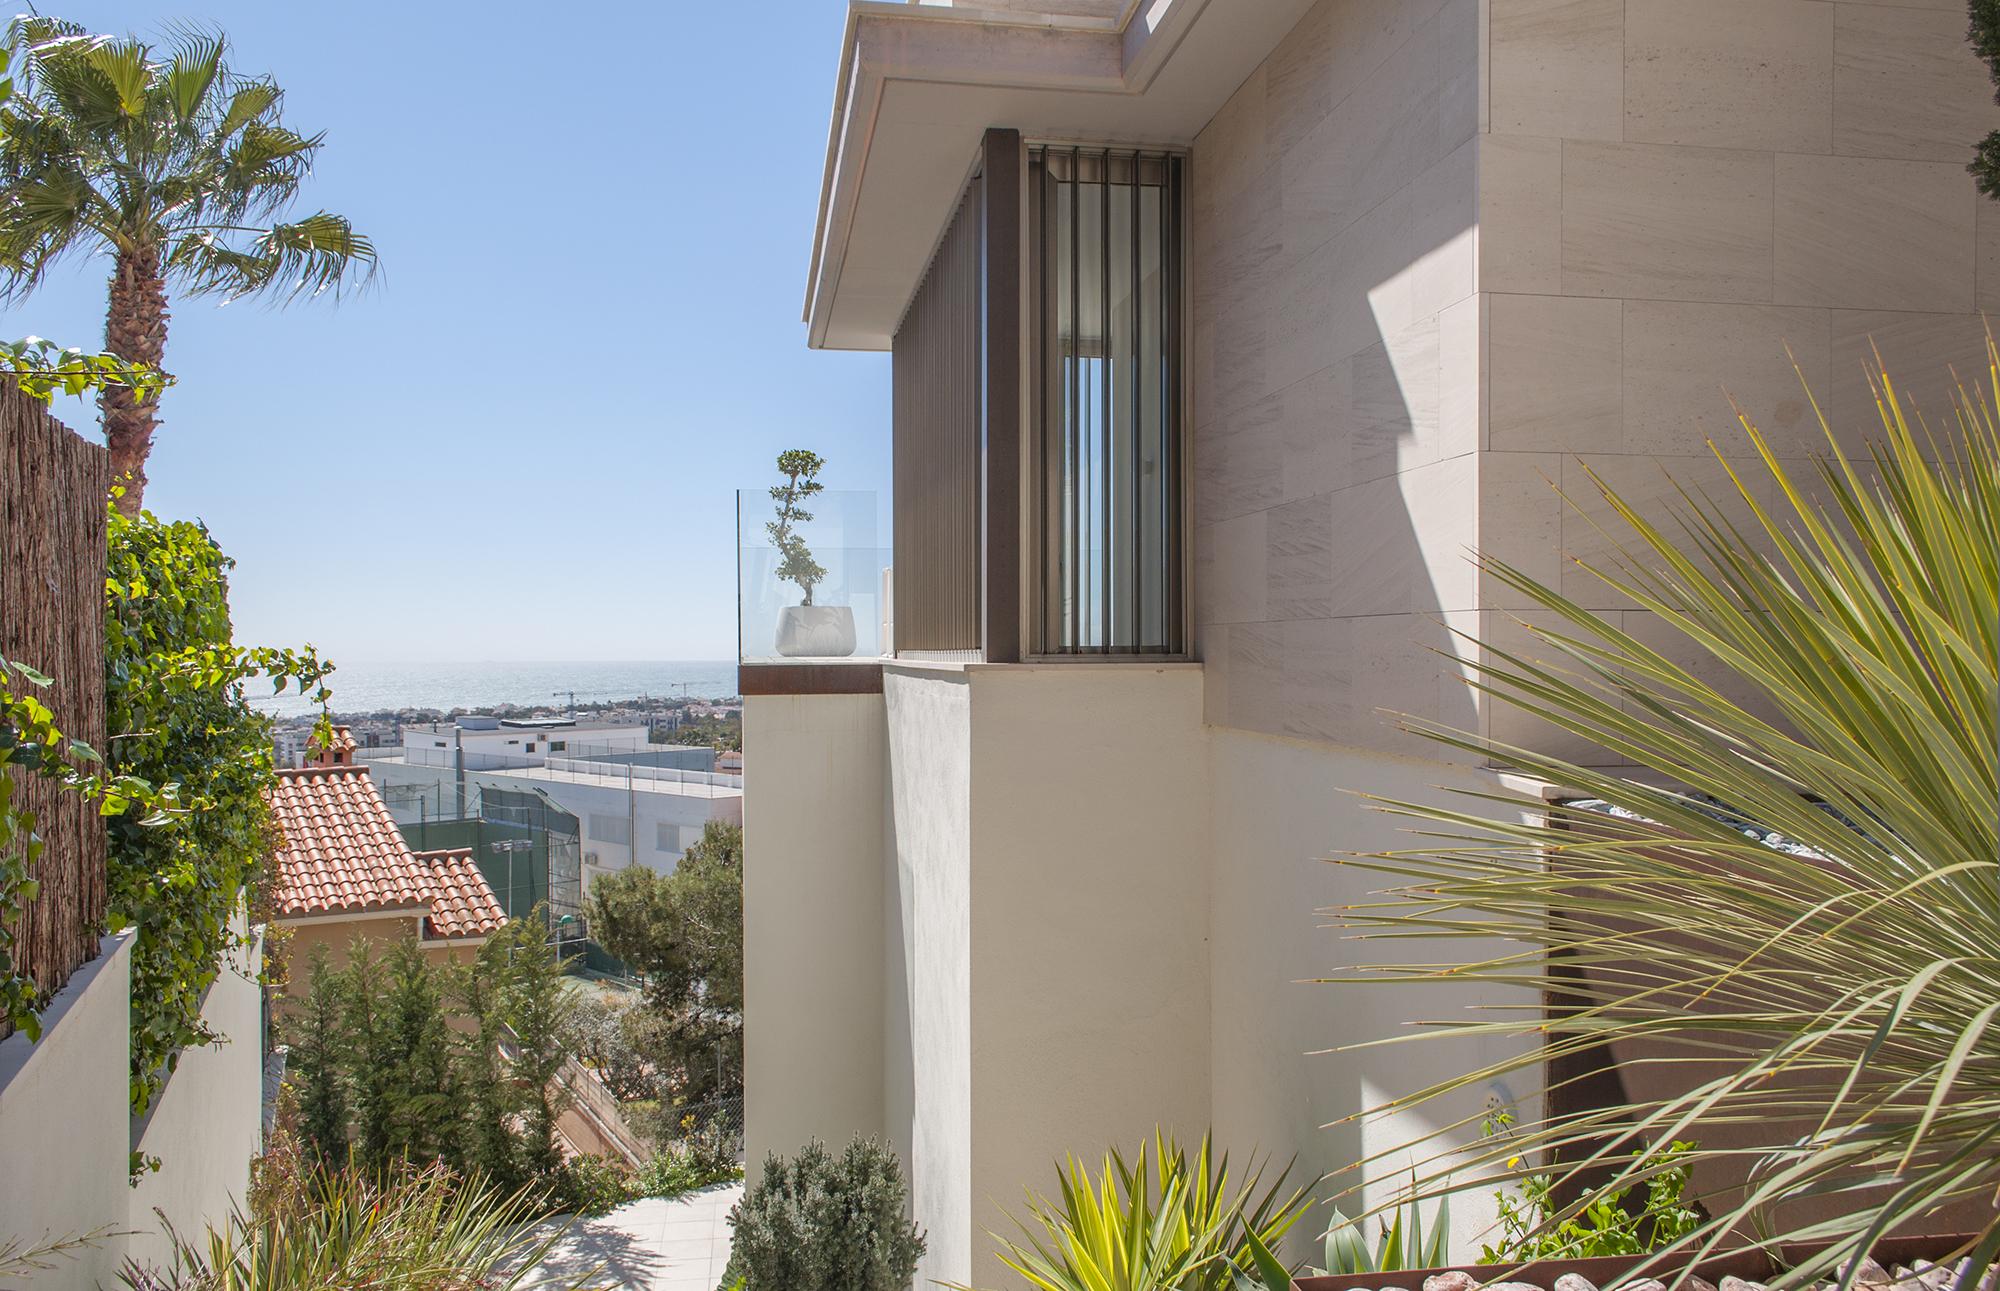 15-rardo-architects-casas-en-sitges-lamas-volumen-terraza-vista-al-mar